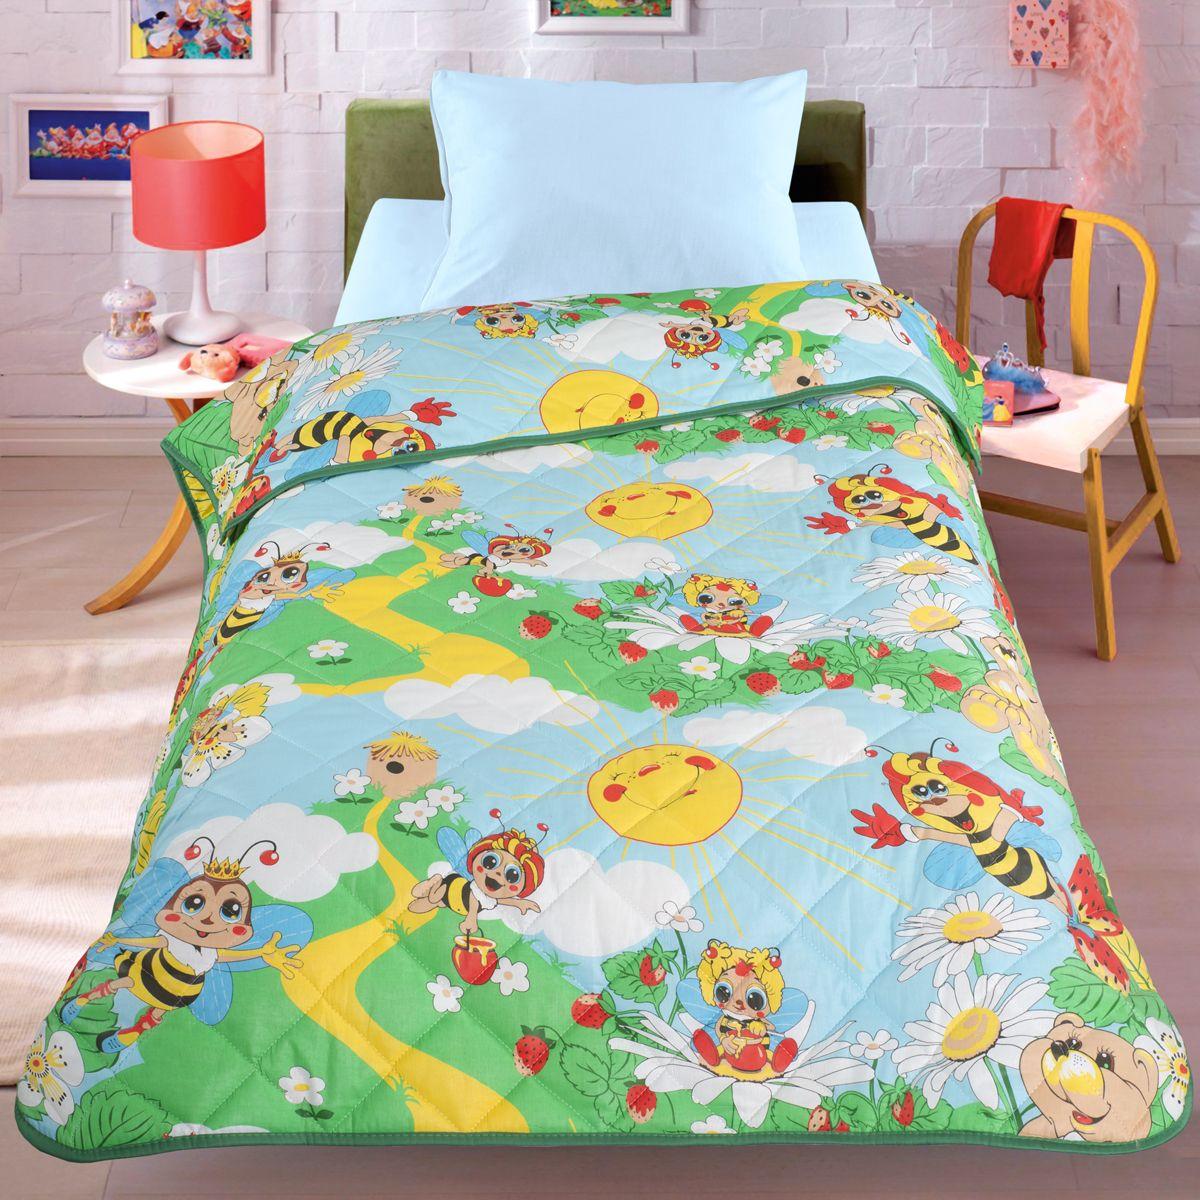 Покрывало-одеяло Letto Пчела, облегченное, цвет: зеленый, 140 x 200 смES-412Легкое оригинальное покрывало в чехле будет радовать вас и вашего малыша в течение всего года. Сидеть на таком покрывале будет приятно и комфортно - ведь оно выполнено из 100% хлопка. К тому же покрывало можно использовать и как одеяло на детскую кровать. Дизайн двусторонний. Наполнитель - силиконизированное волокно. Вашему ребенку не будет жарко под таким одеялом, а это значит он не будет раскрываться. Оно подлежит машинной стирке при температуре 30 гр., строго на деликатном режиме.